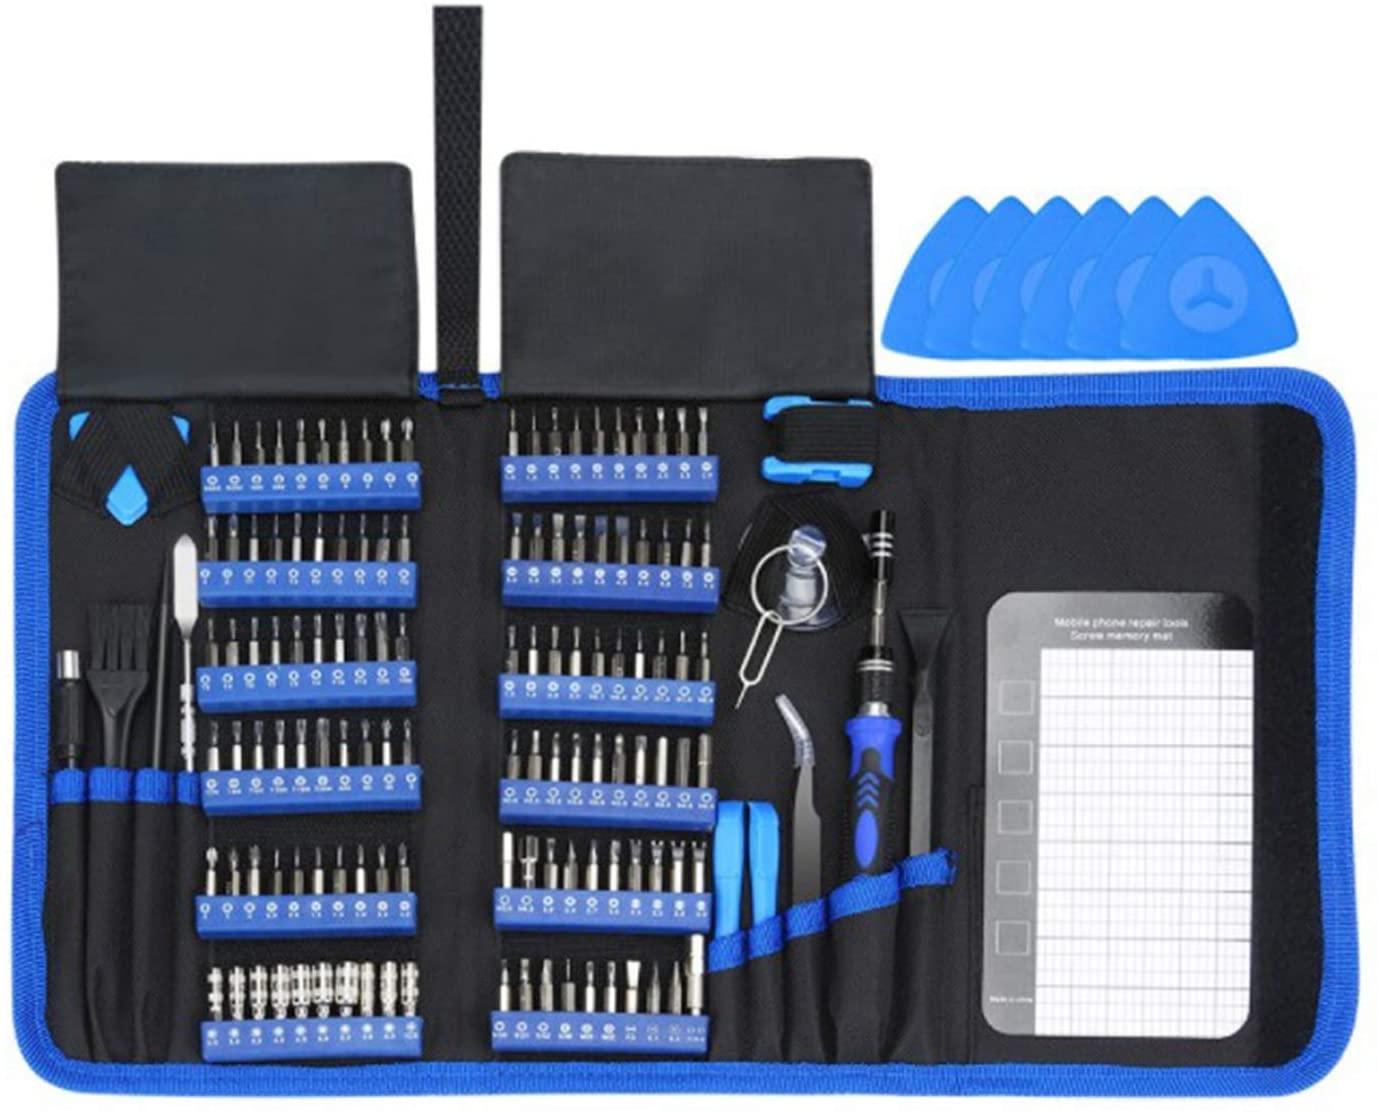 Tiamu 140 in 1 Precision Screwdriver Set Torx Bit Screw Driver Bits Magnetic Mobile Phone Multitools Repair Hand Tools Kit